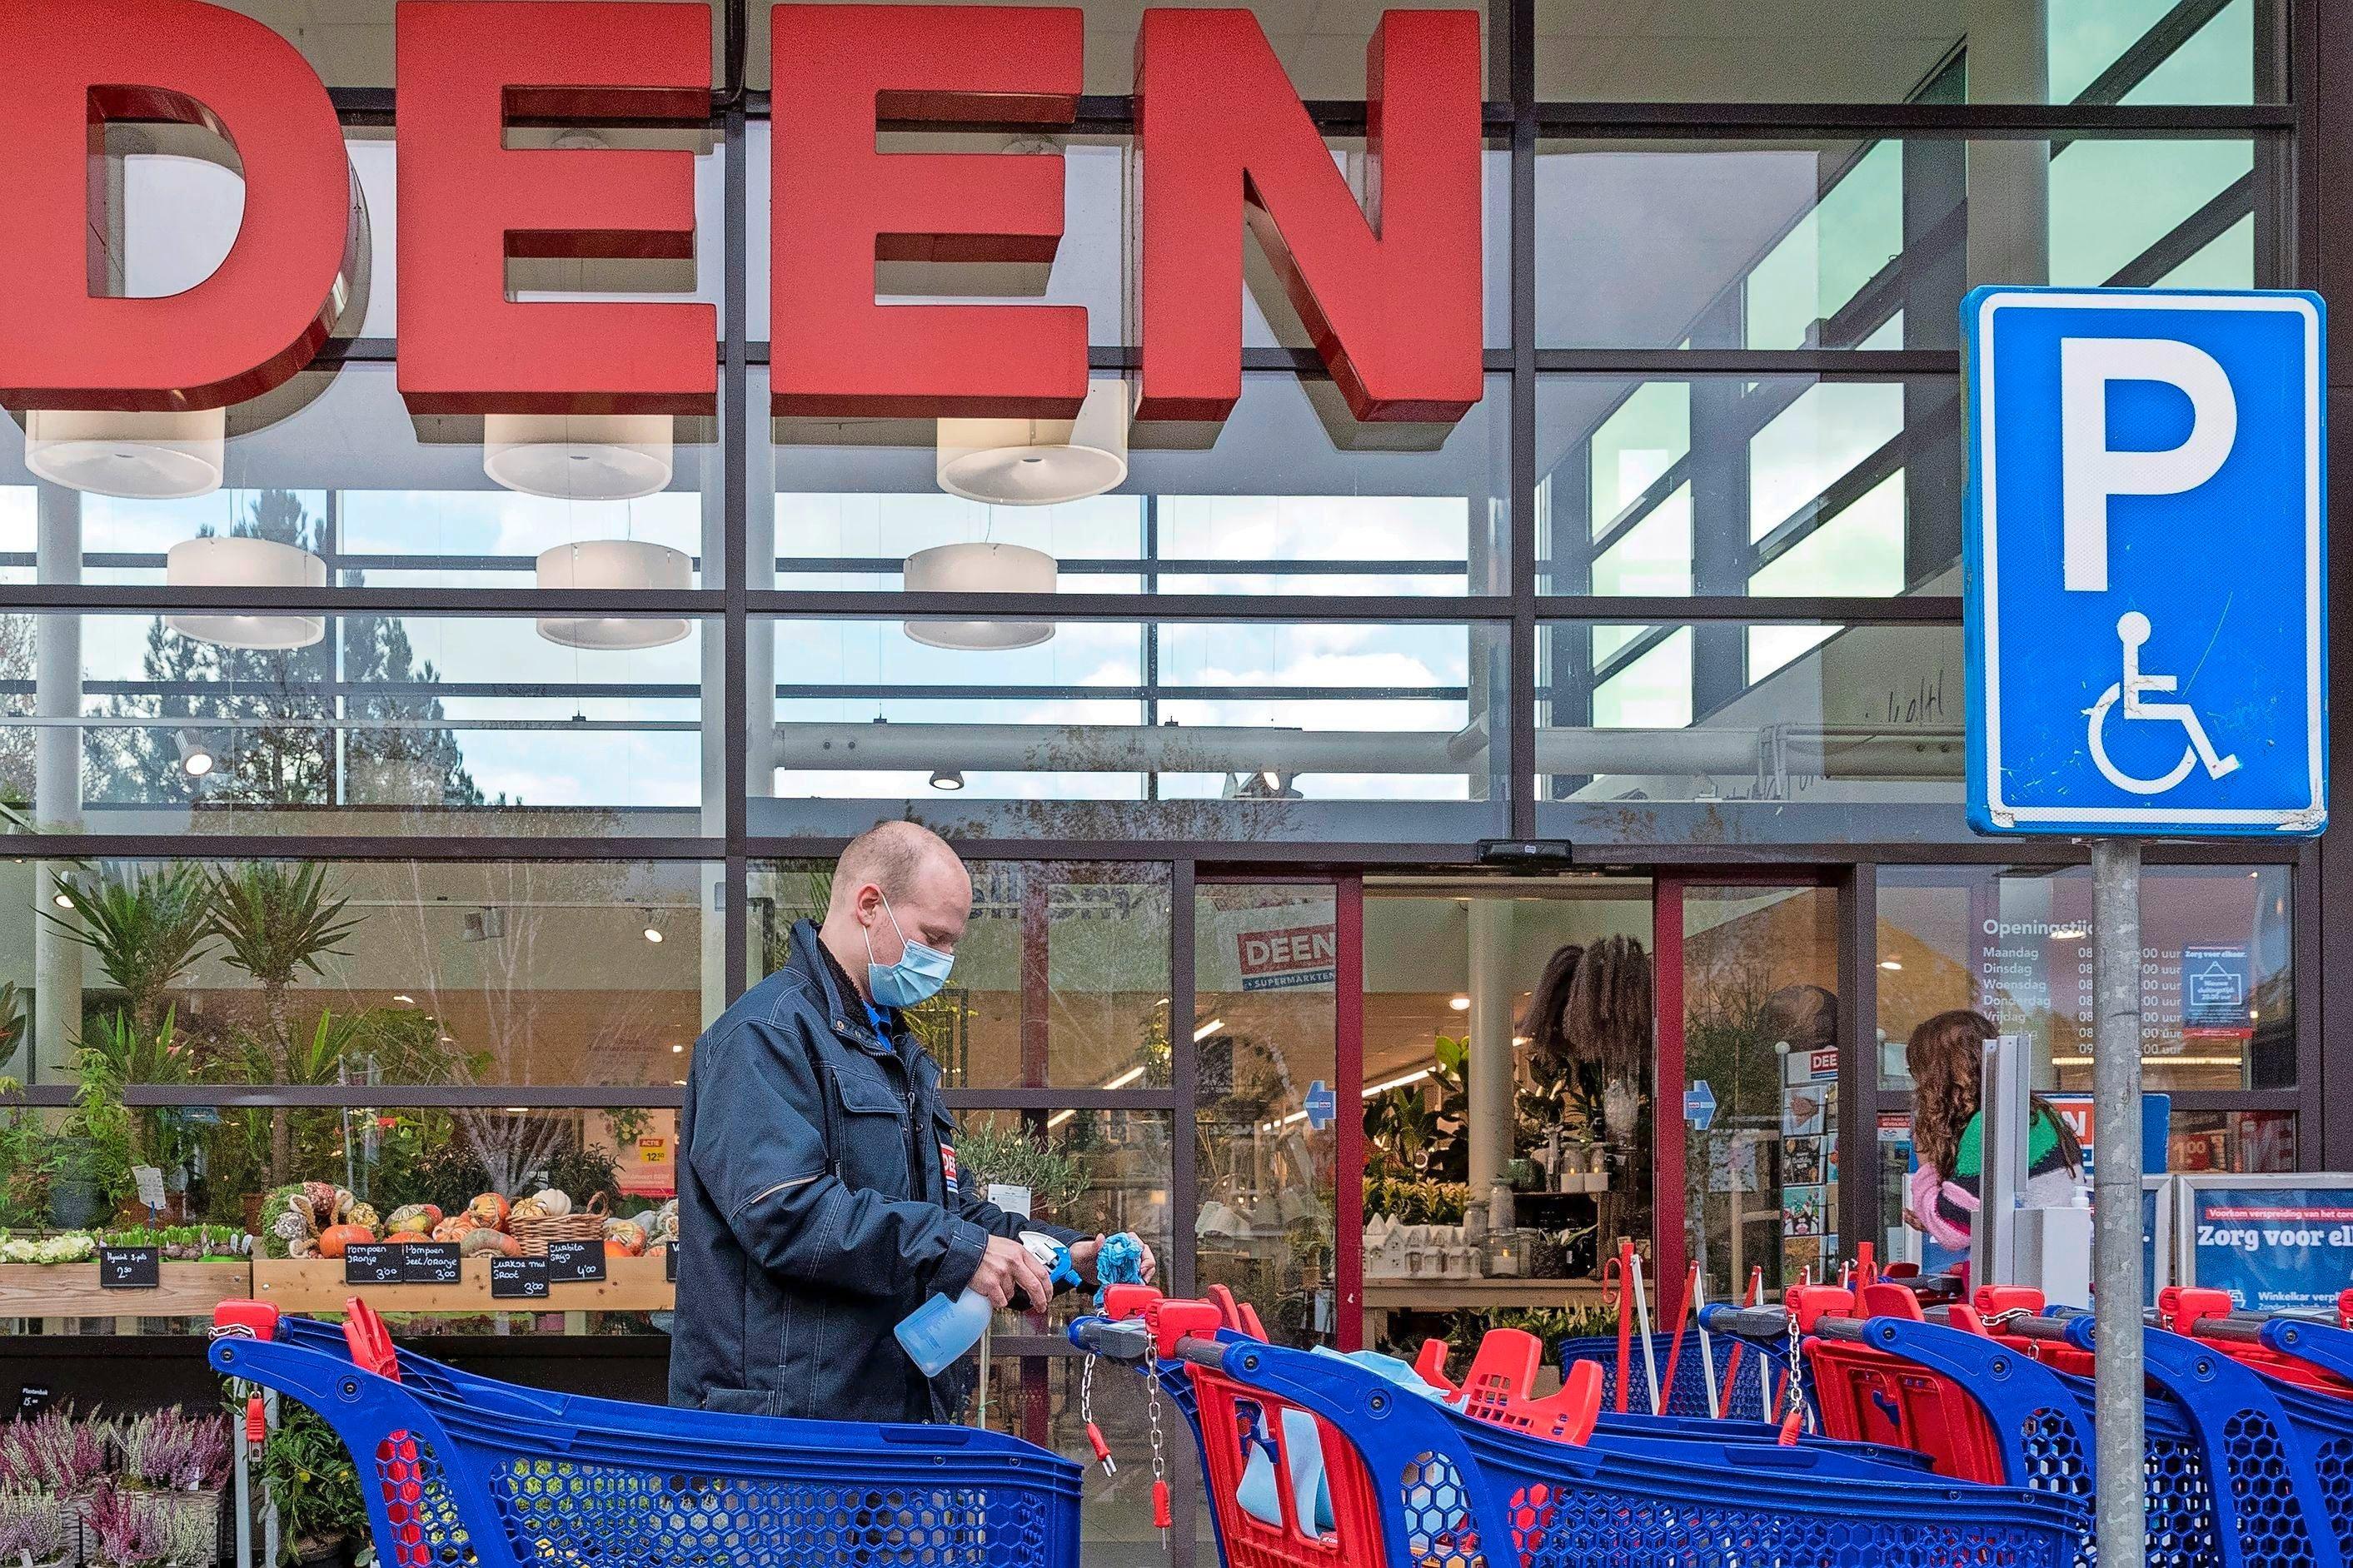 400 boventallige personeelsleden supermarkt Deen krijgen hul... - noordhollandsdagblad.nl